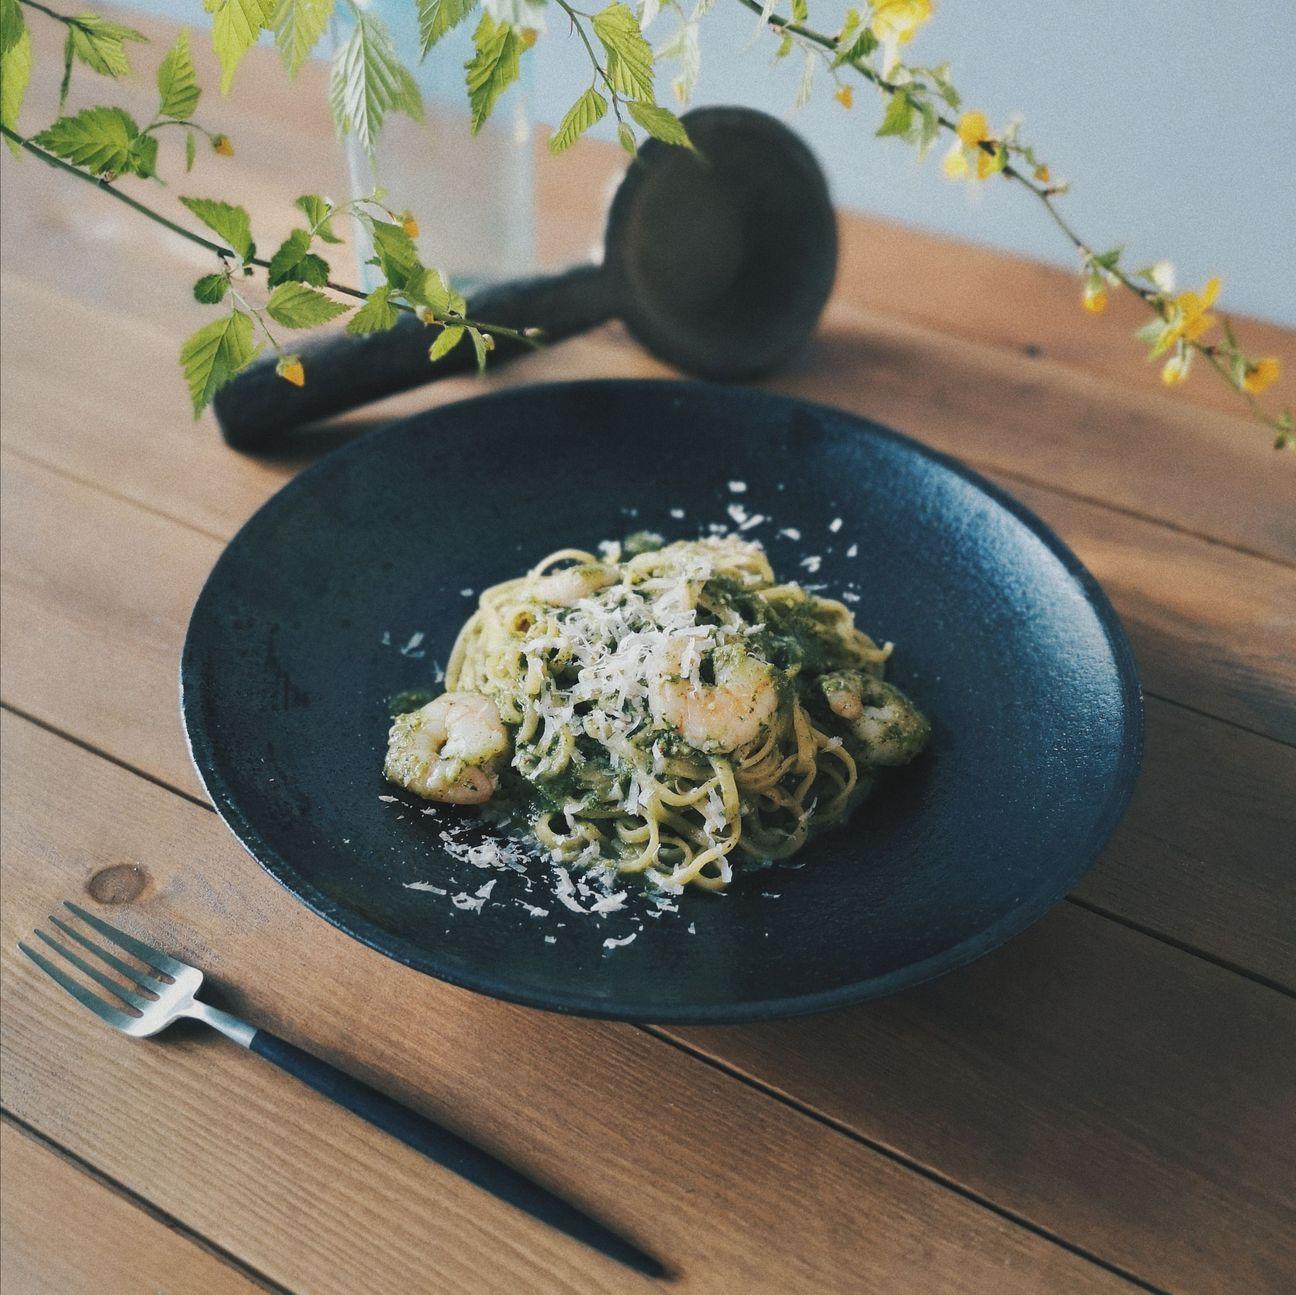 【Bistroブーコ】旬の野菜を使ったカジュアルフレンチの味わいで、ちょっぴり特別なひとときを。 - 5c717171babd43b31c7a 1296x